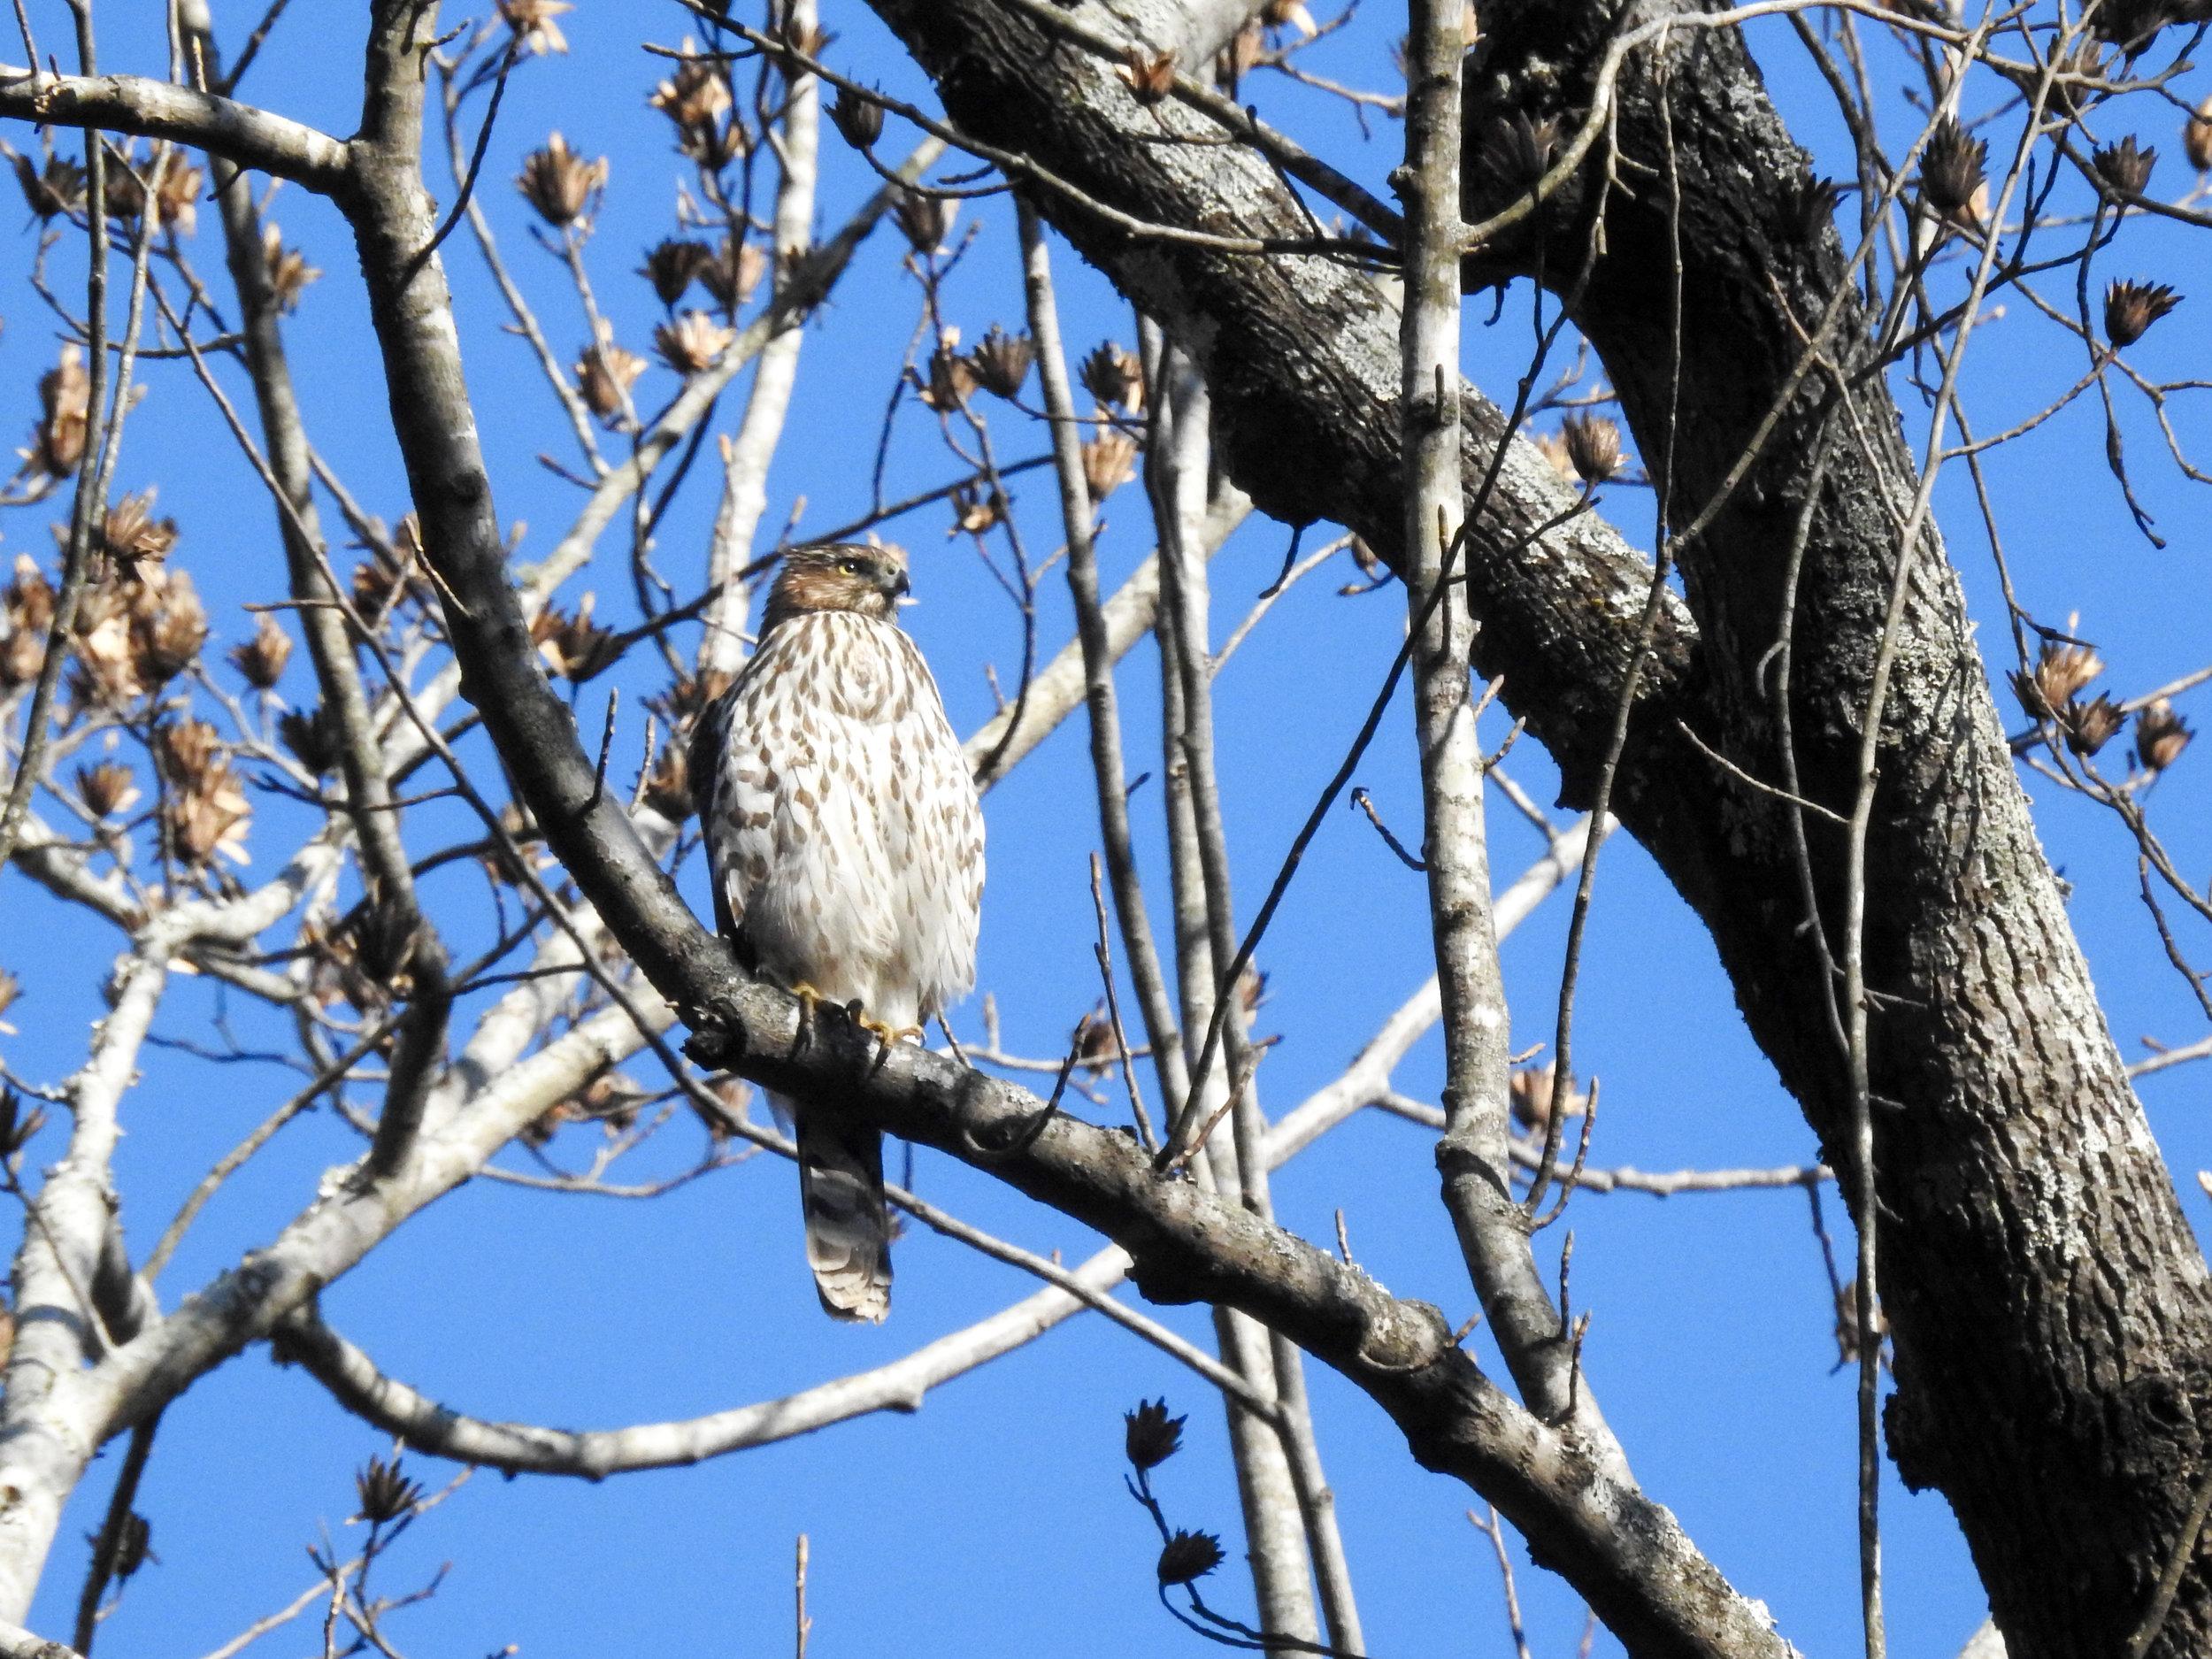 Cooper's Hawk, December 30, 2017